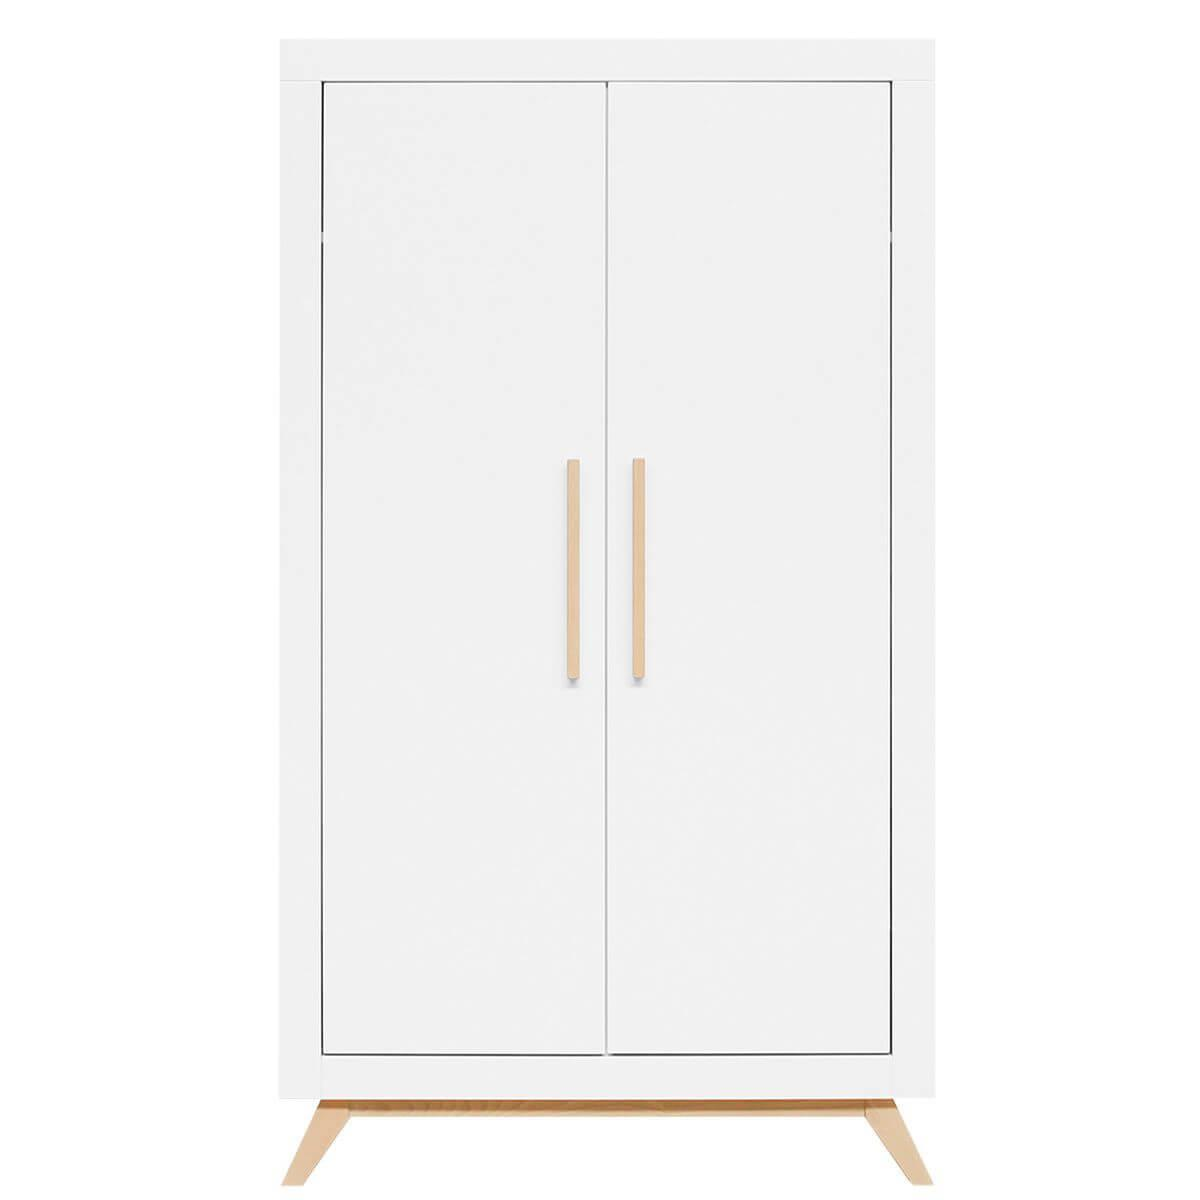 Armoire 2 portes FENNA Bopita blanc-naturel